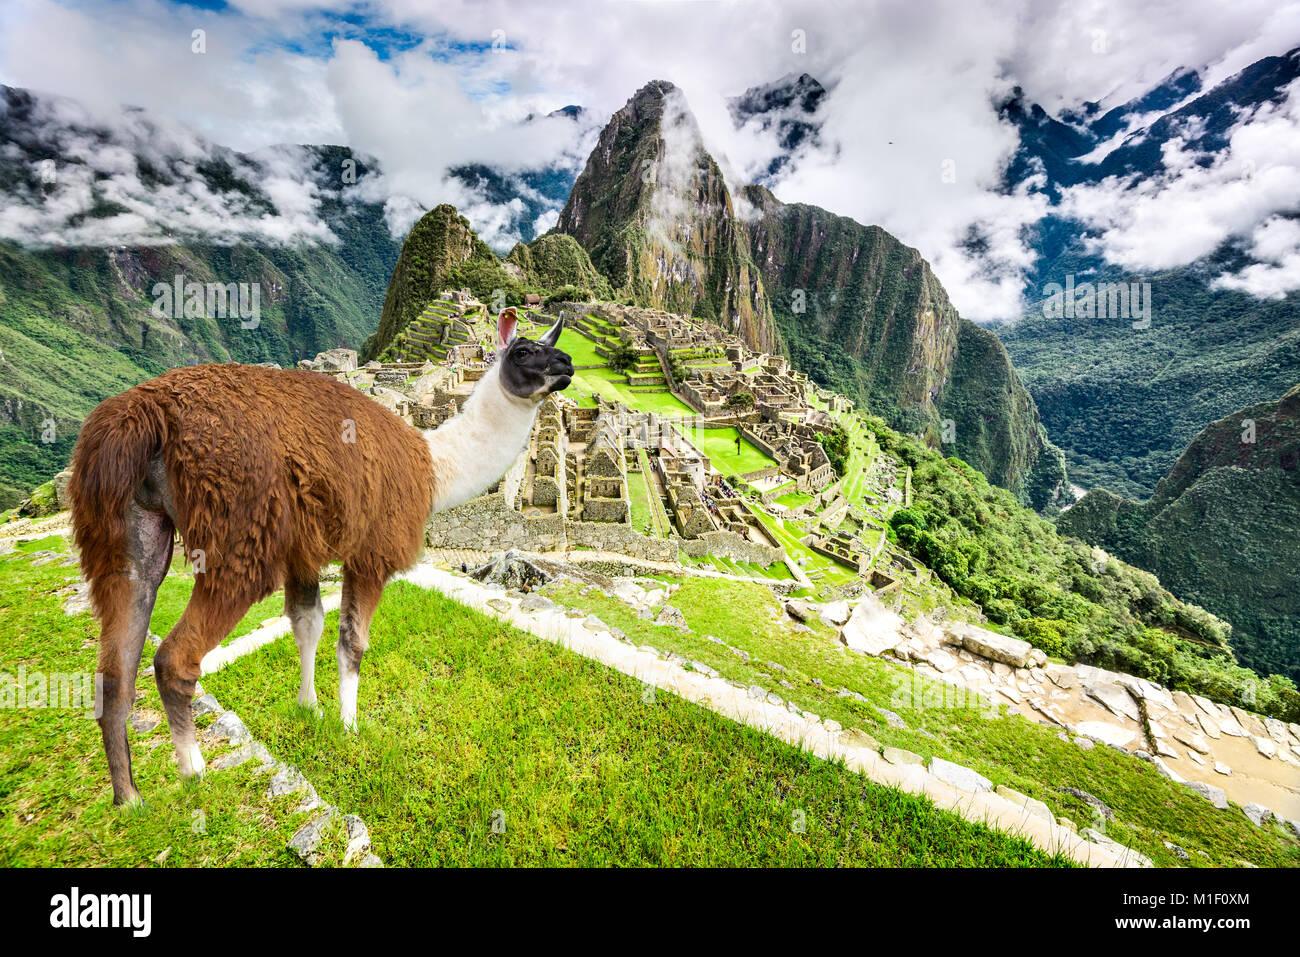 Machu Picchu, Cusco, Perú - Inca Empire City y la montaña Huaynapicchu, Valle Sagrado. Es un lugar increíble Imagen De Stock